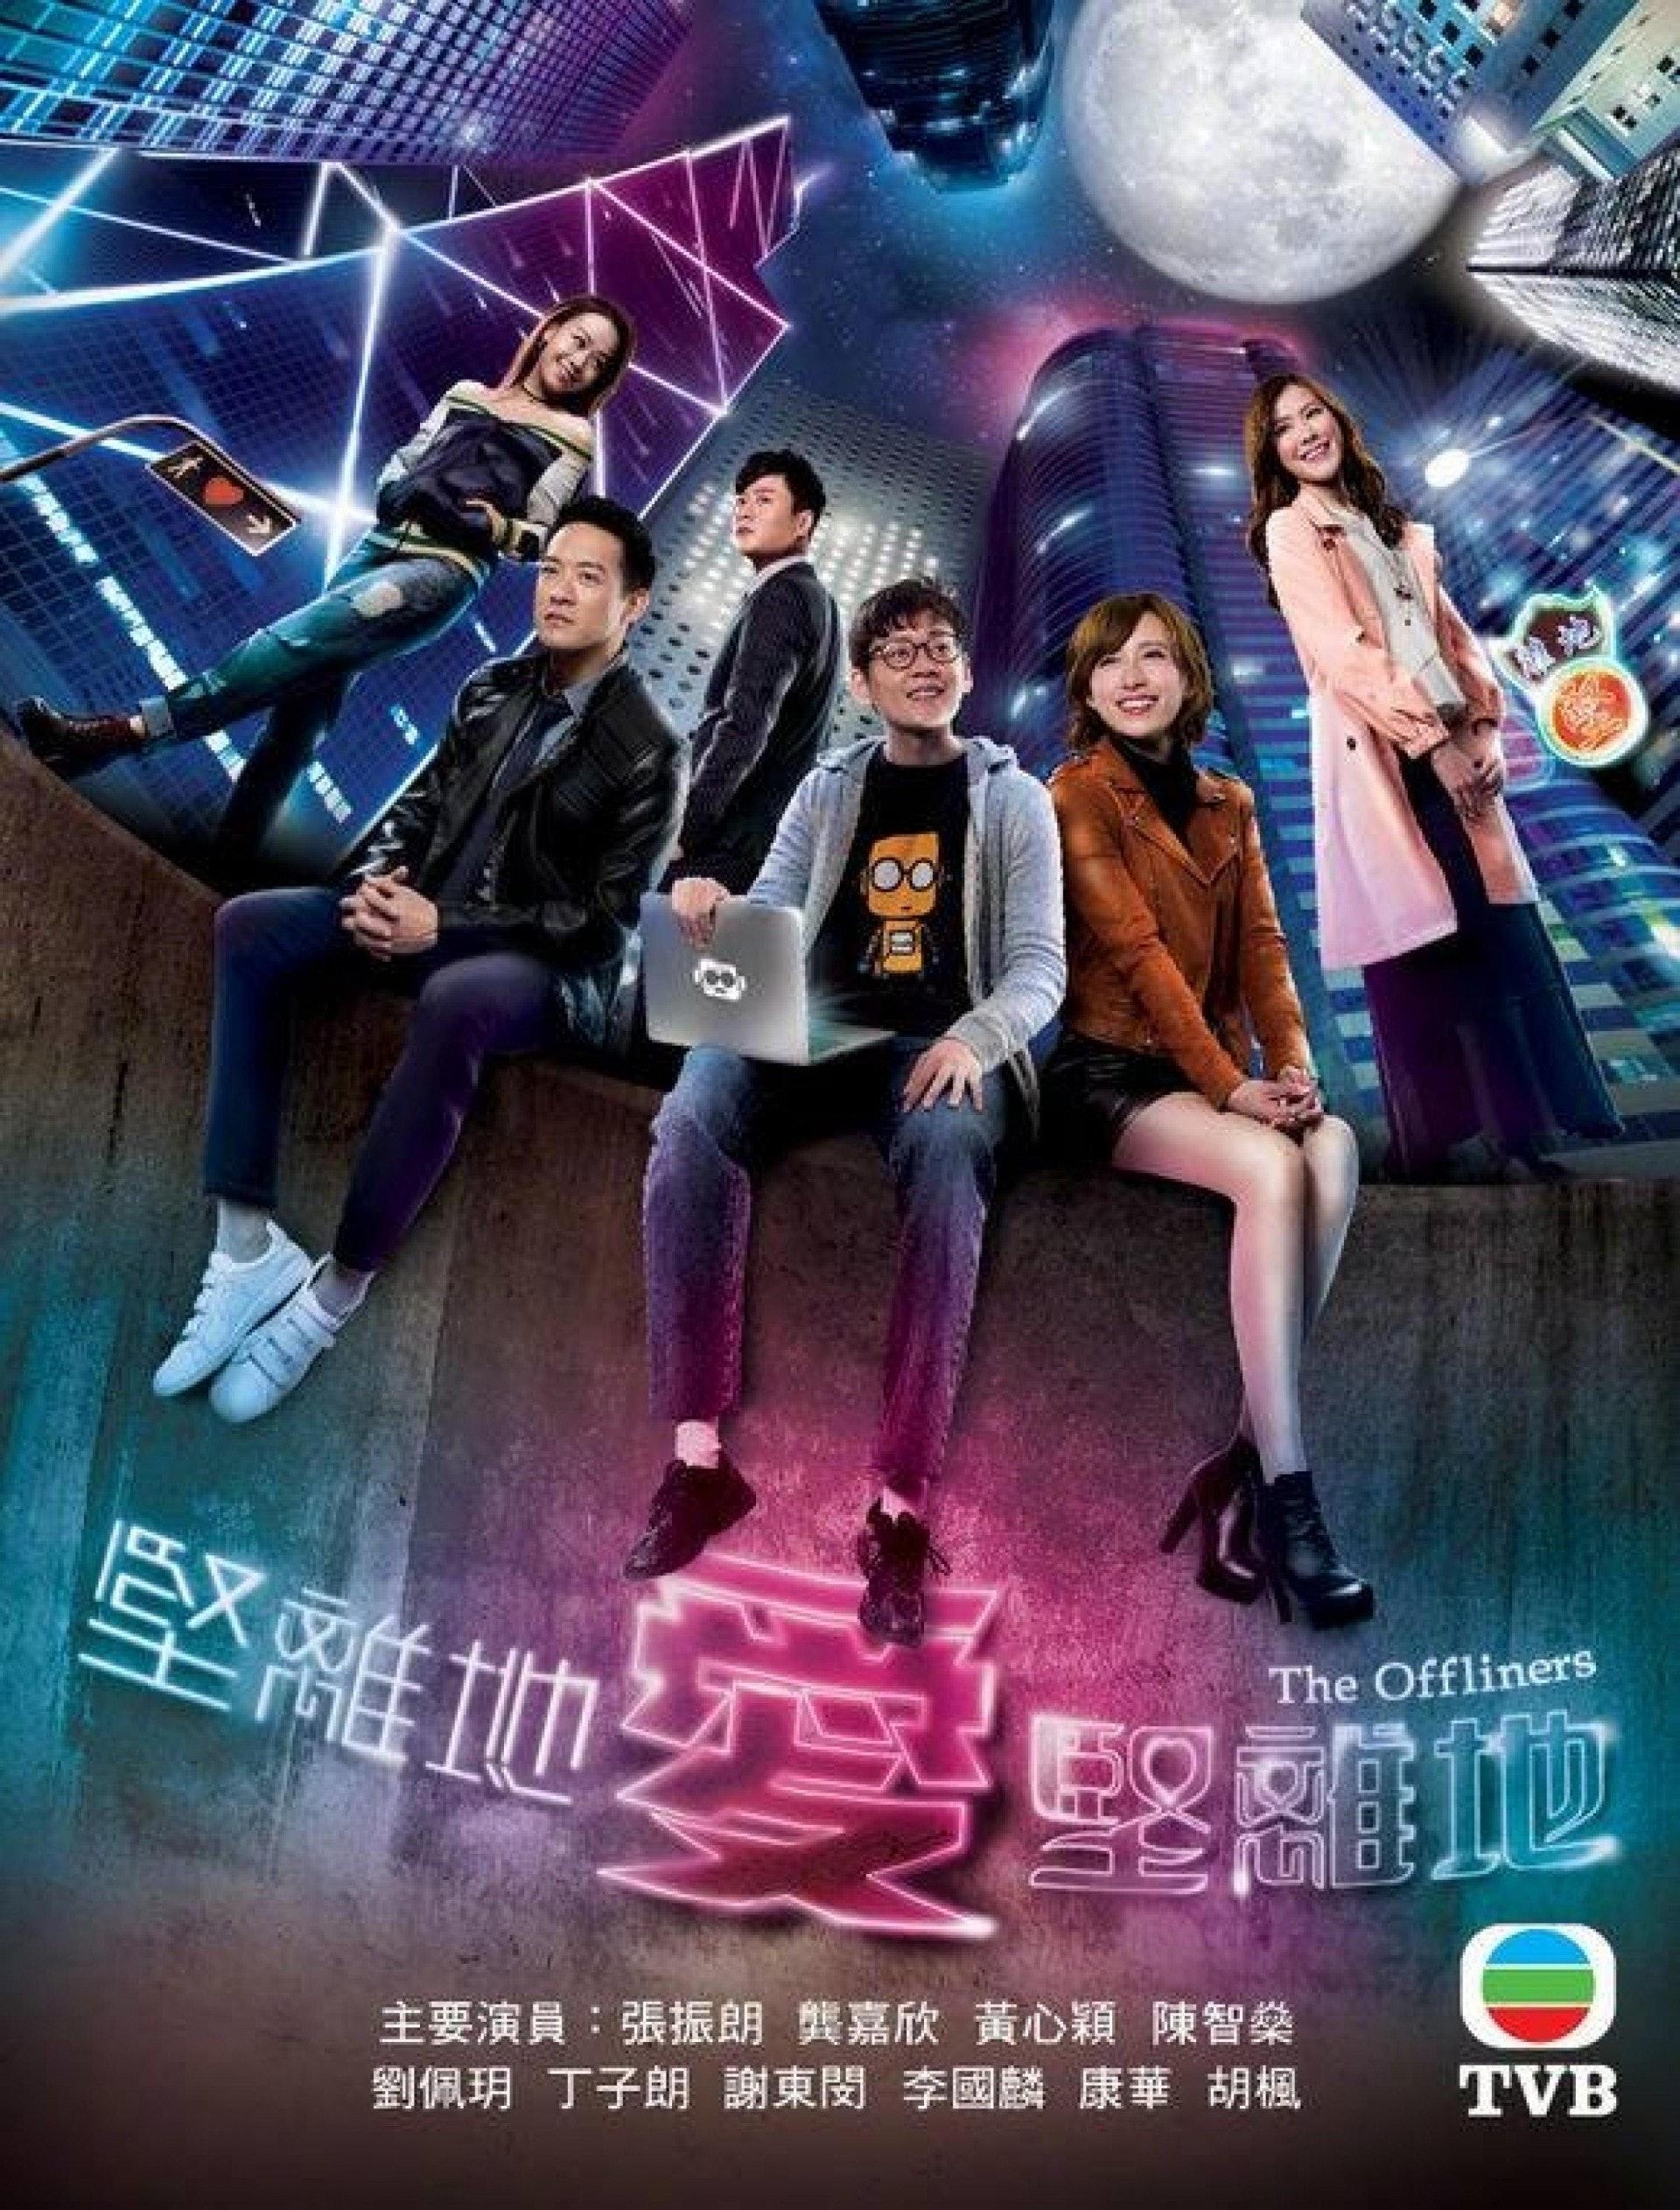 由張振朗、龔嘉欣等主演的無綫(TVB)劇集《堅離地愛堅離地》將於11月18日在Astro AOD播出,Astro AOD為香港電視廣播(國際)有限公司(TVBI)與馬來西亞Astro合作開辦的頻道。(TVB《堅離地愛堅離地》海報)